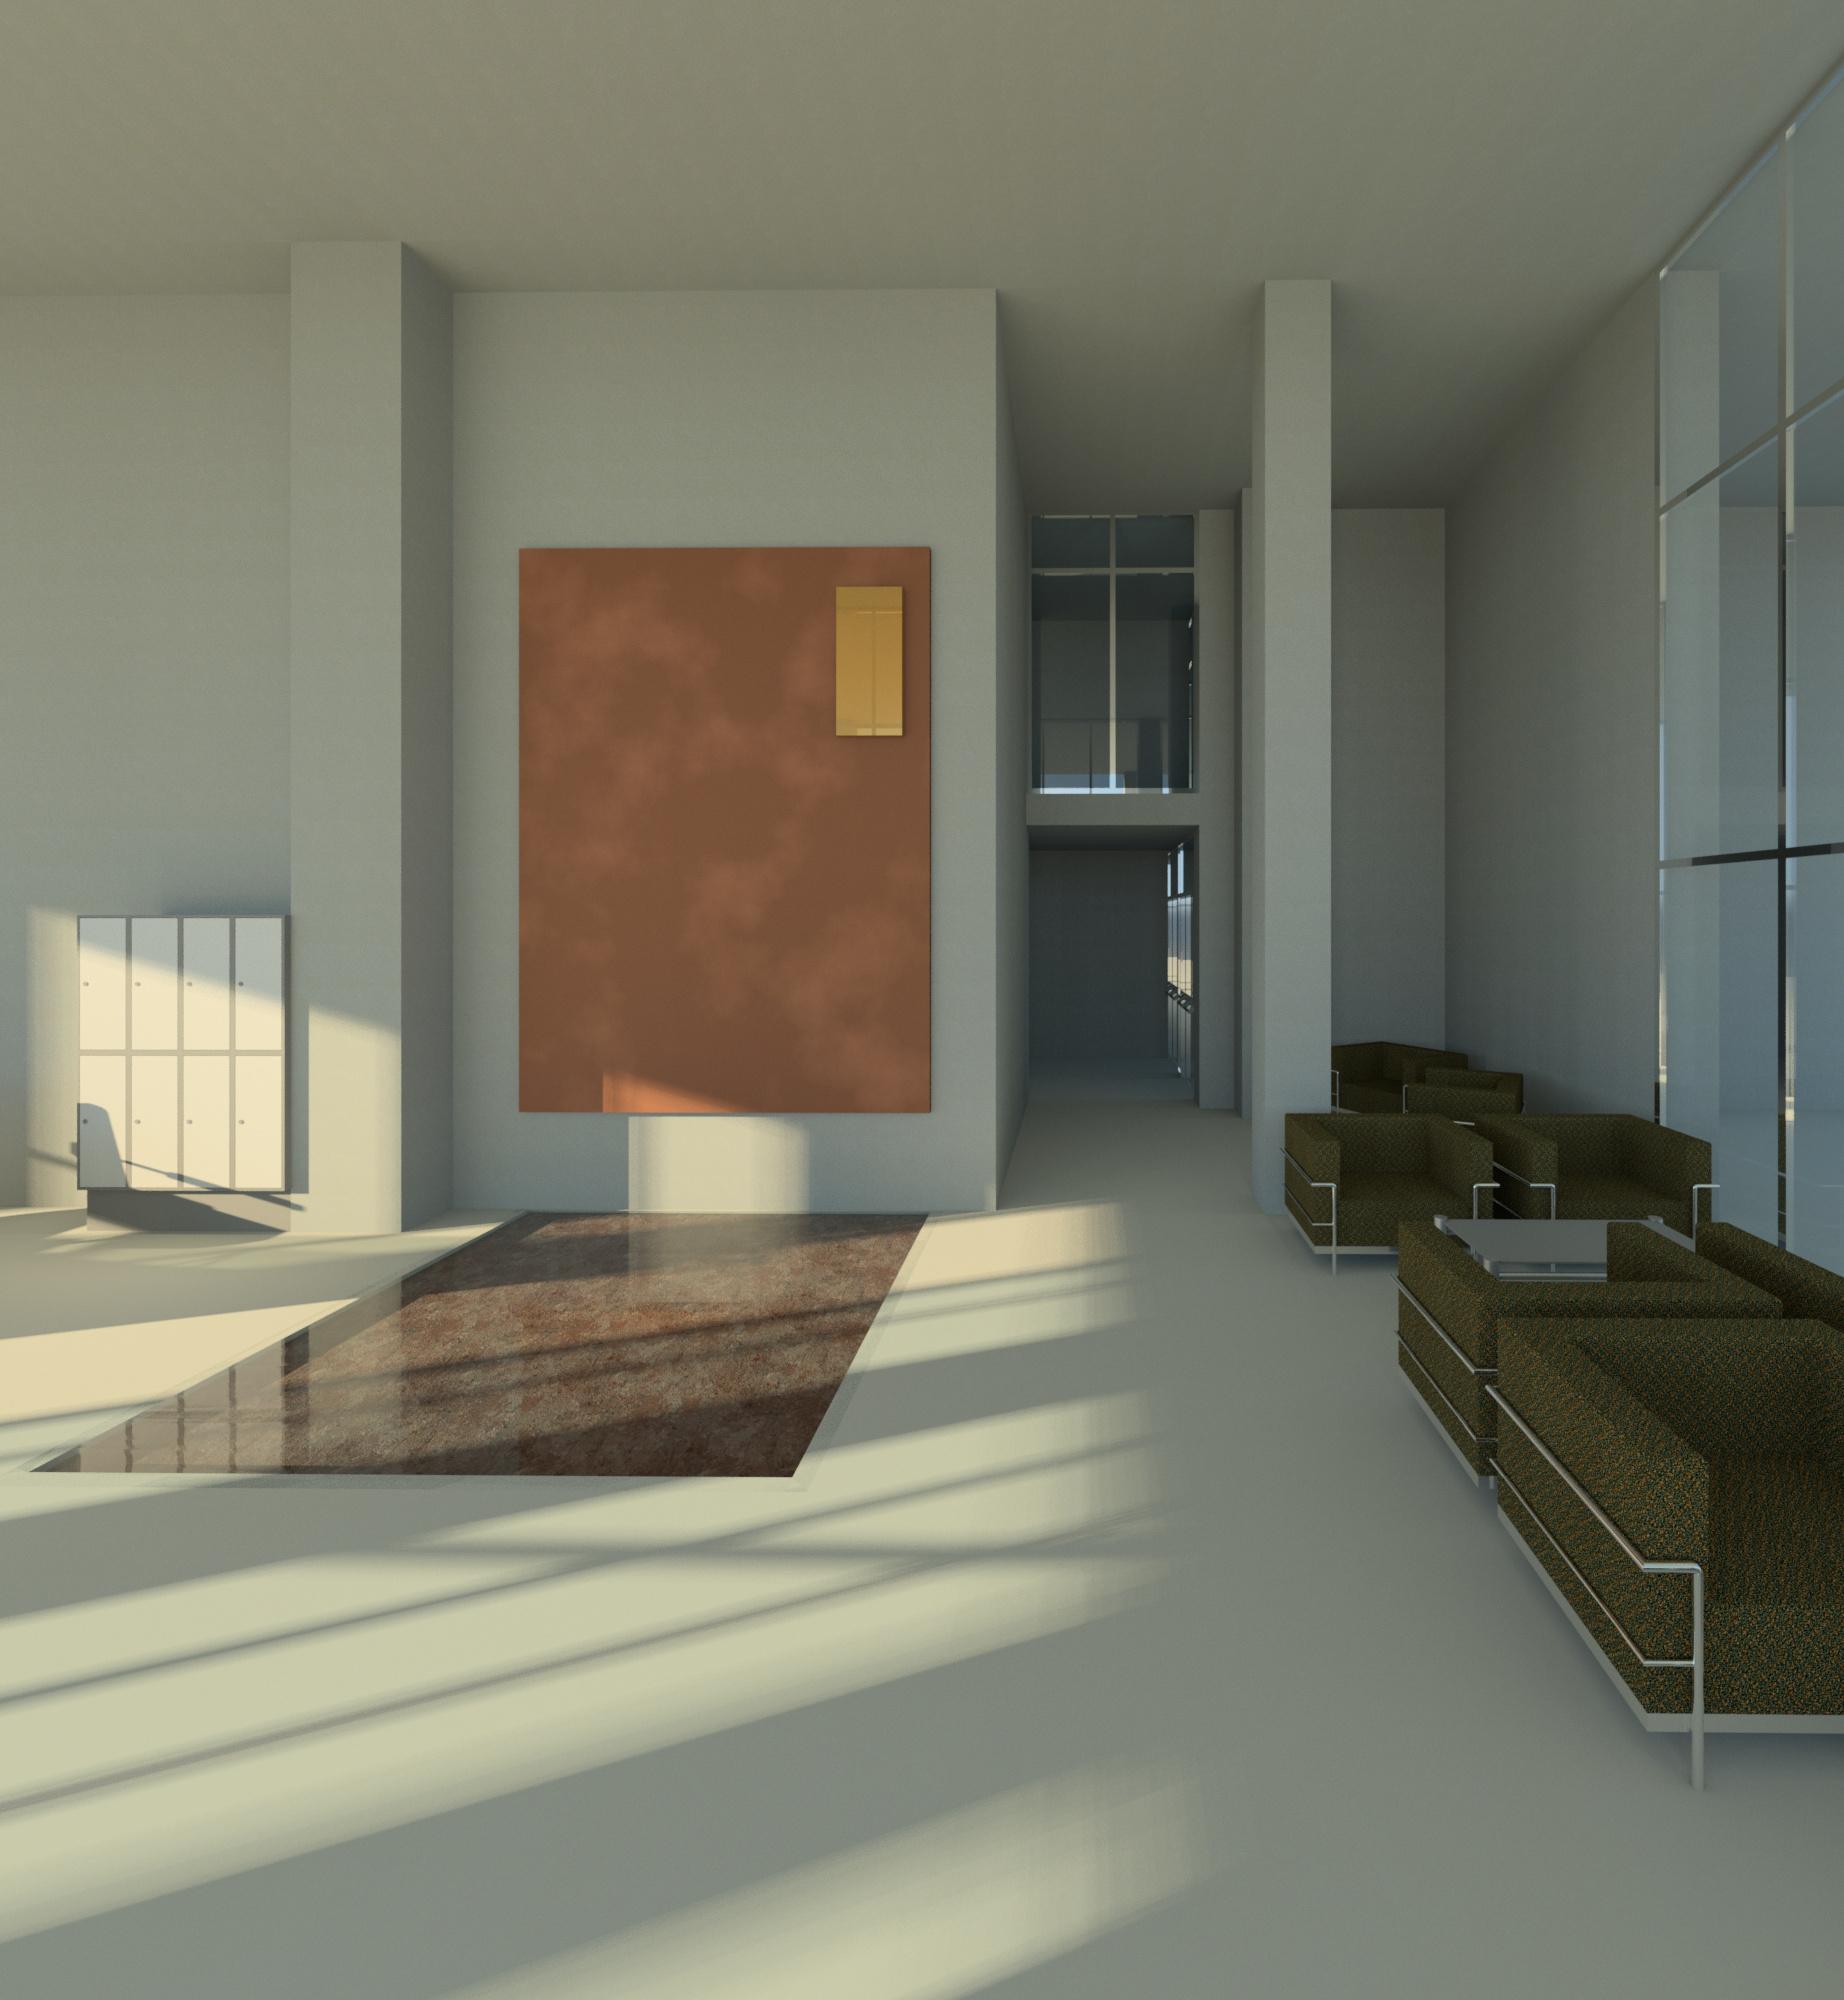 Raas-rendering20150323-22022-1u6495m